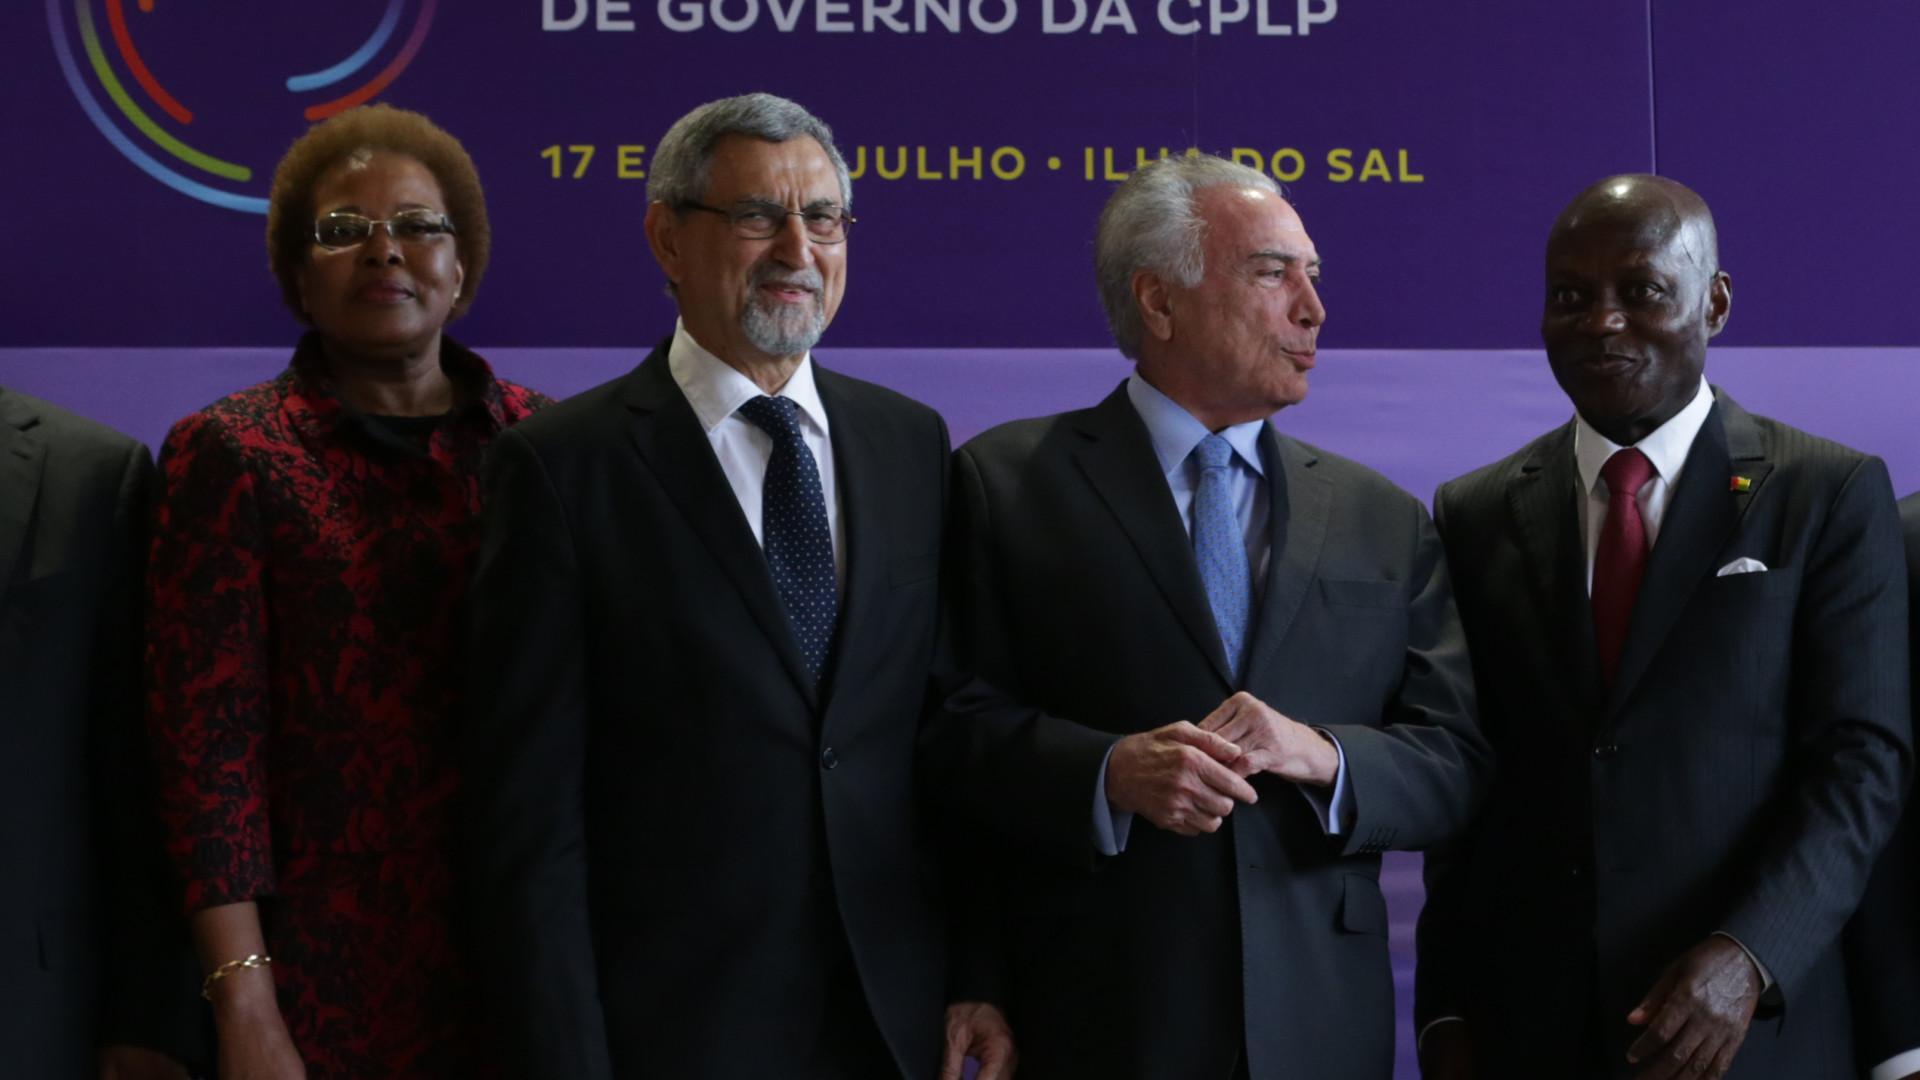 CPLP ganha nove observadores, incluindo Reino Unido e França